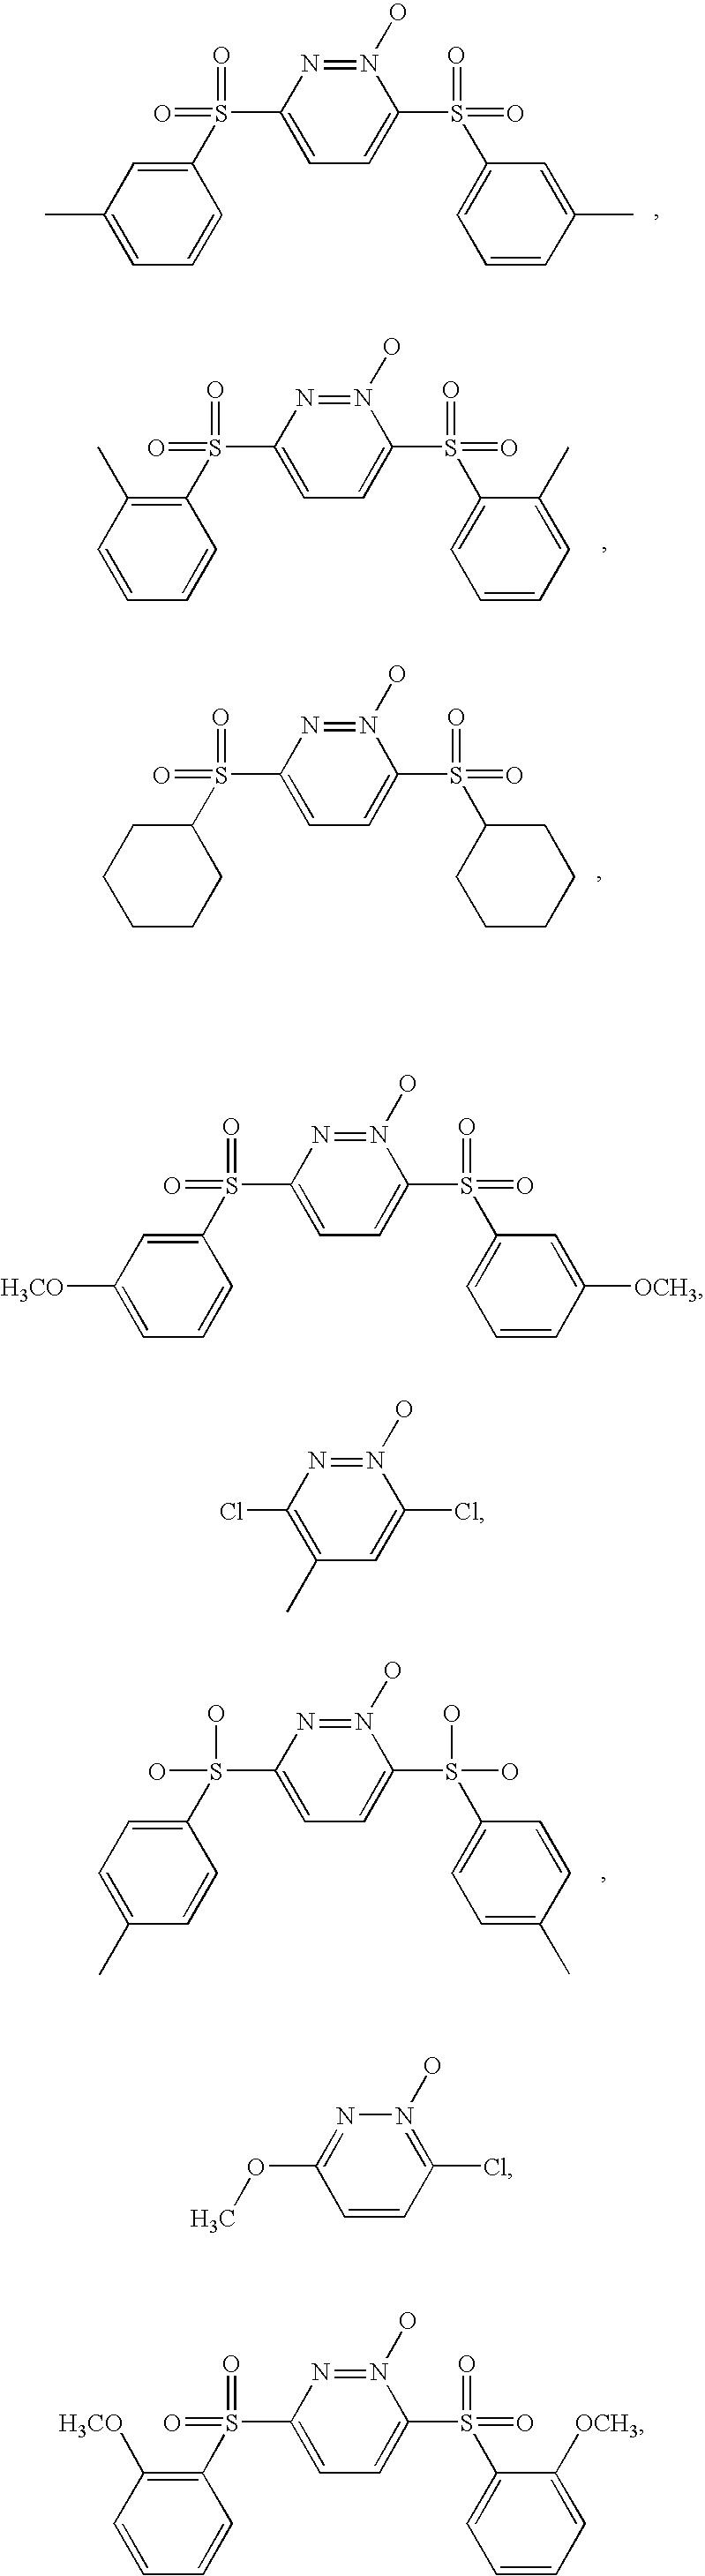 Figure US20040242886A1-20041202-C00041